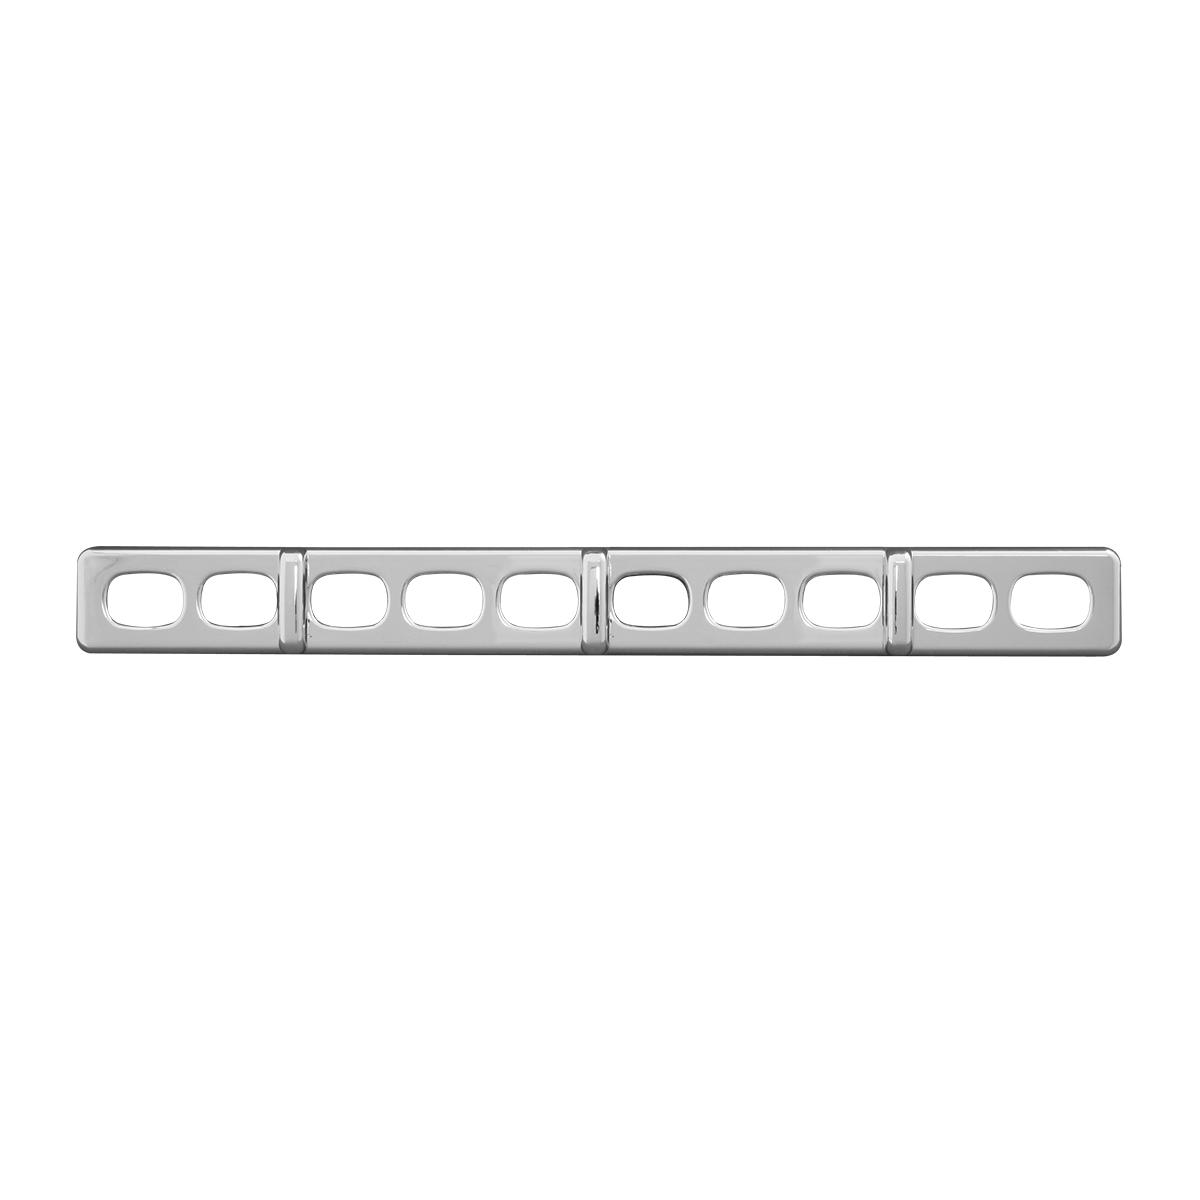 68934 Push Bottom Panel Cover for Freightliner